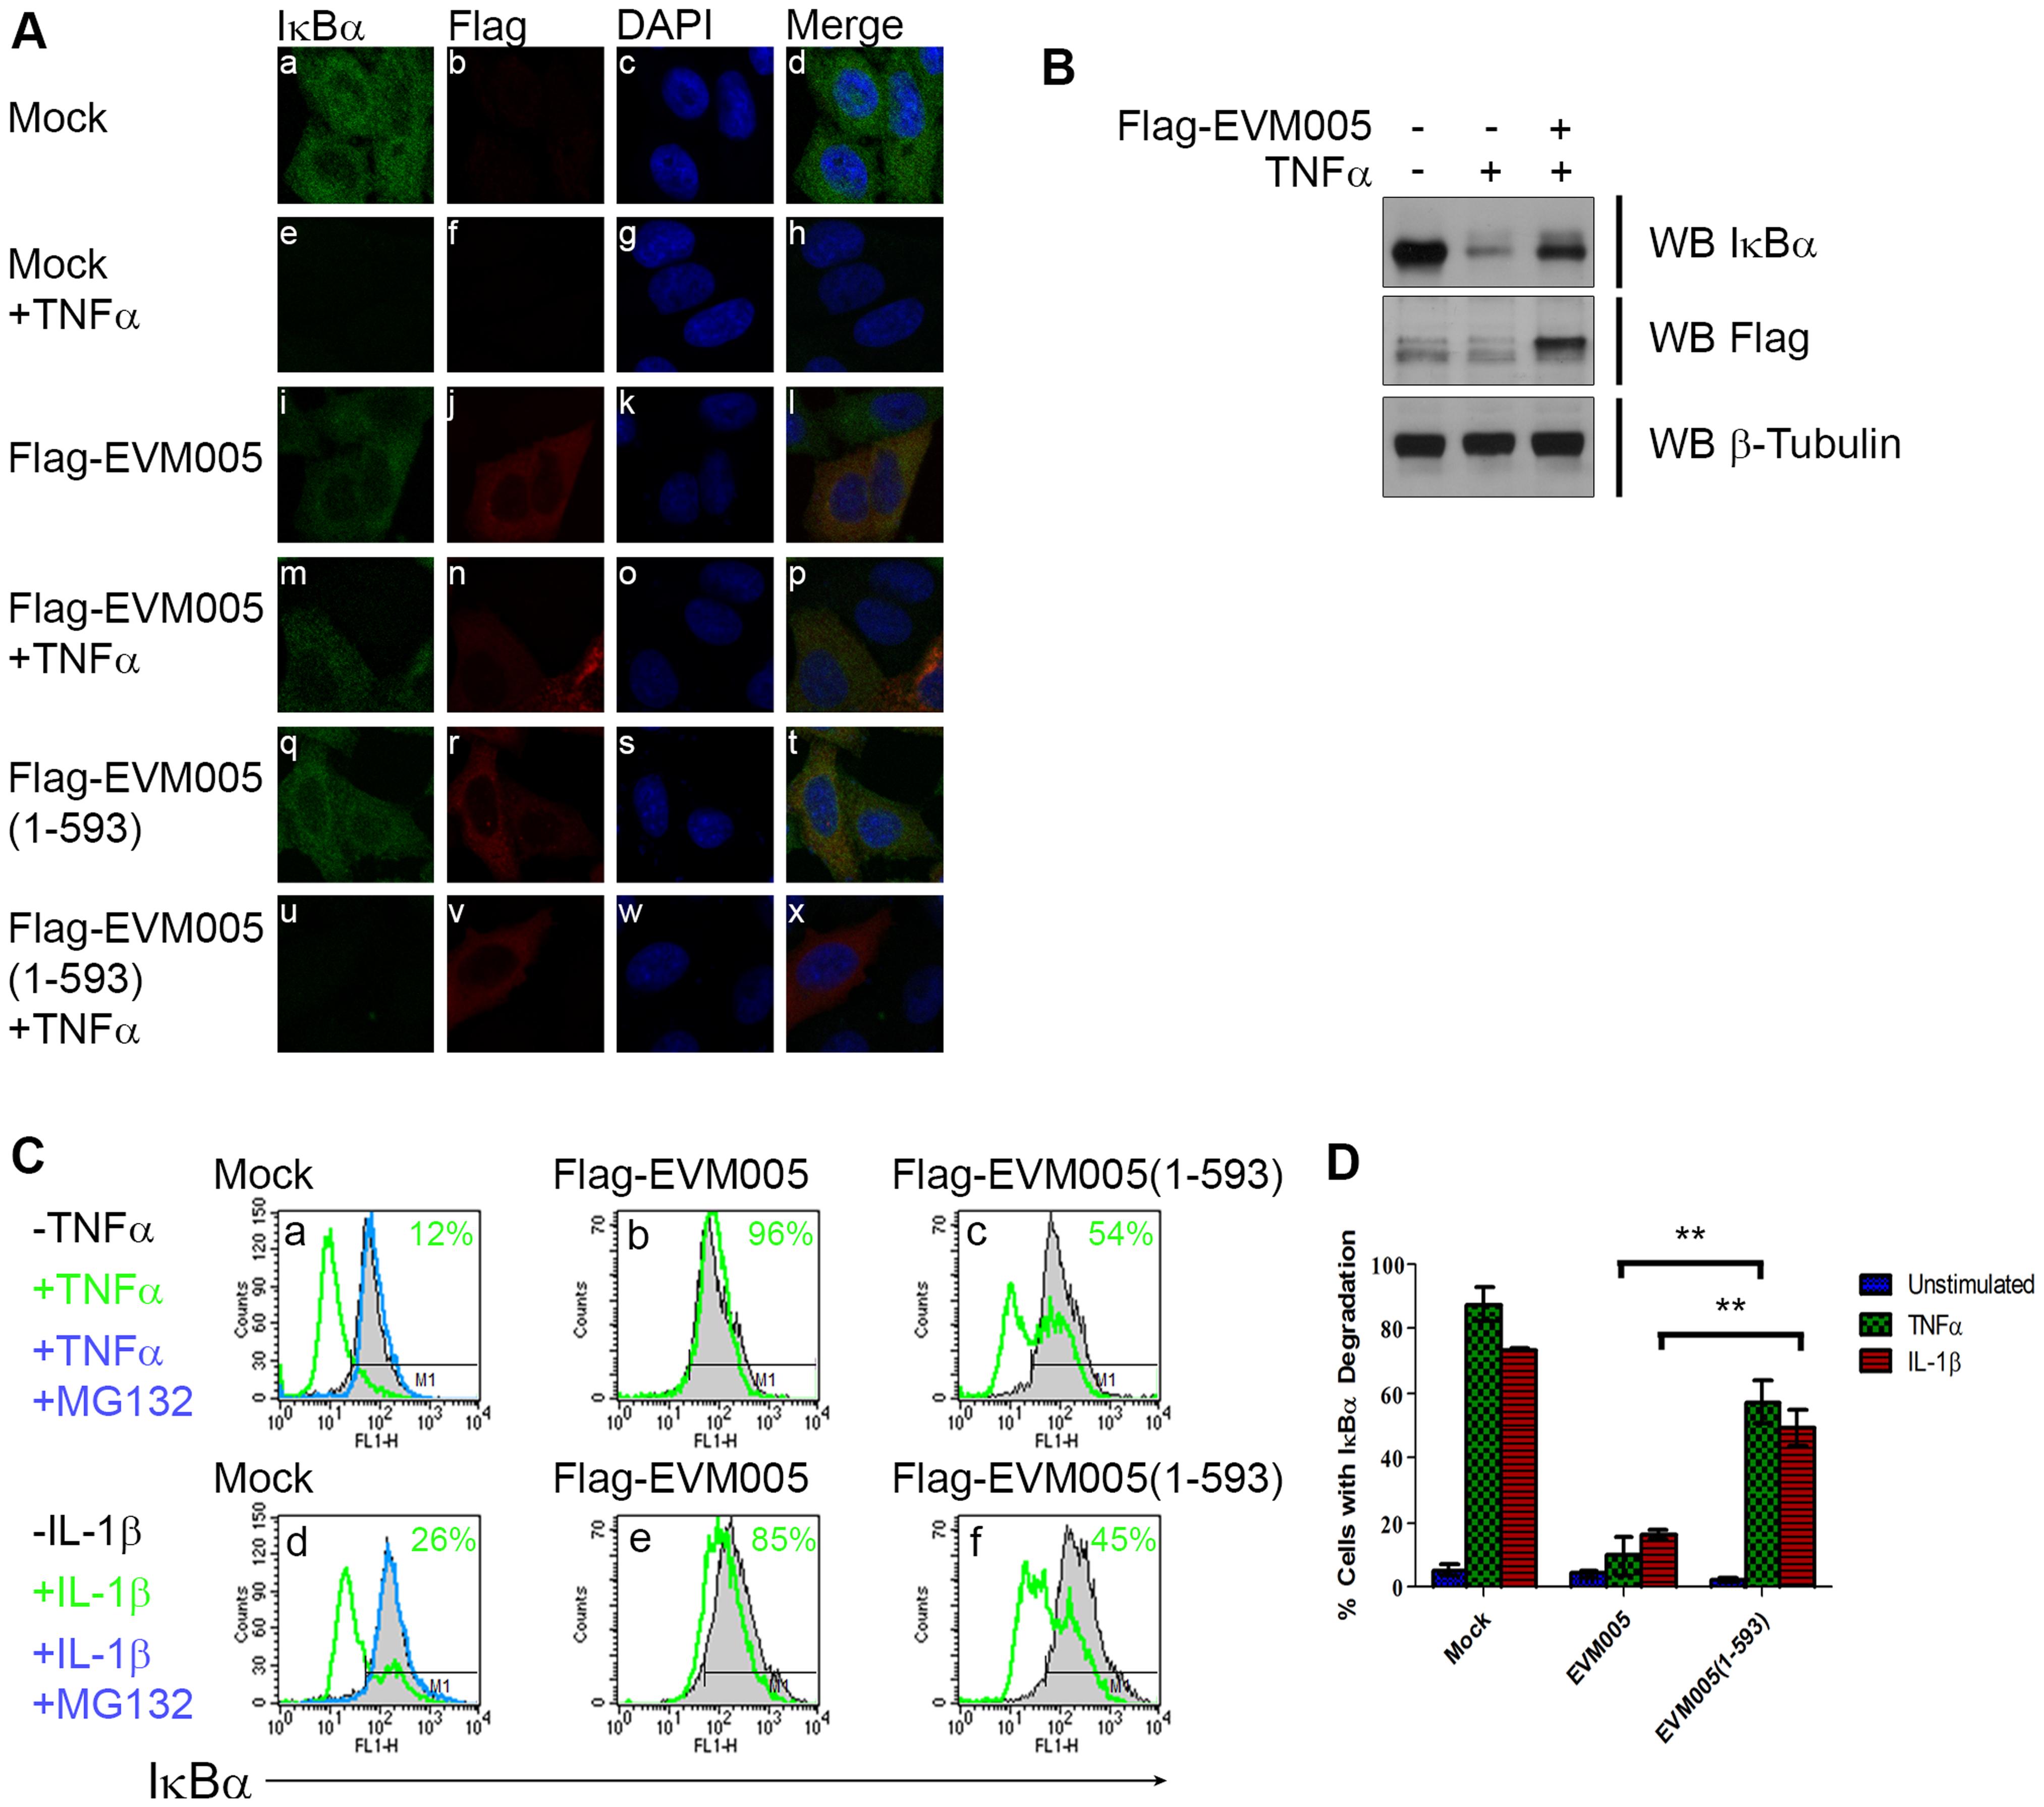 EVM005 inhibits IκBα degradation.